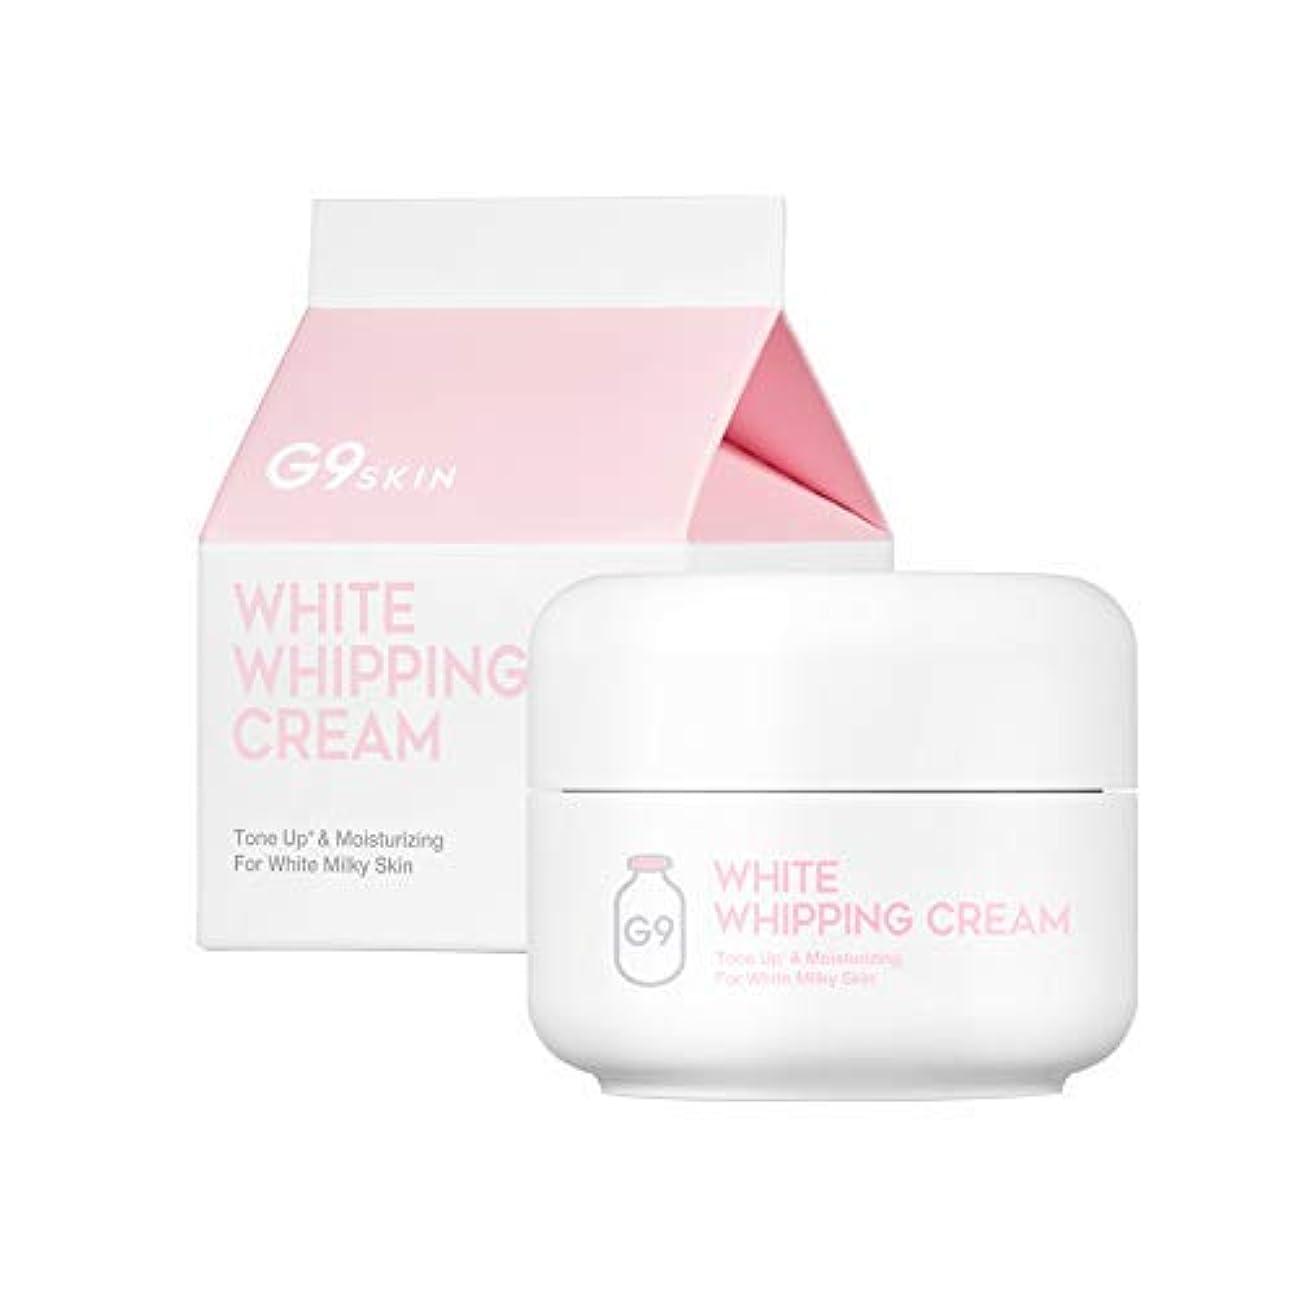 以来定数手のひらG9 SKIN WHITE WHIPPING CREAM ジーナインスキン ホワイト ホイッピング クリーム 50g お肌 スキン ケア 牛乳 パック ミルク 化粧品 韓国 コスメ